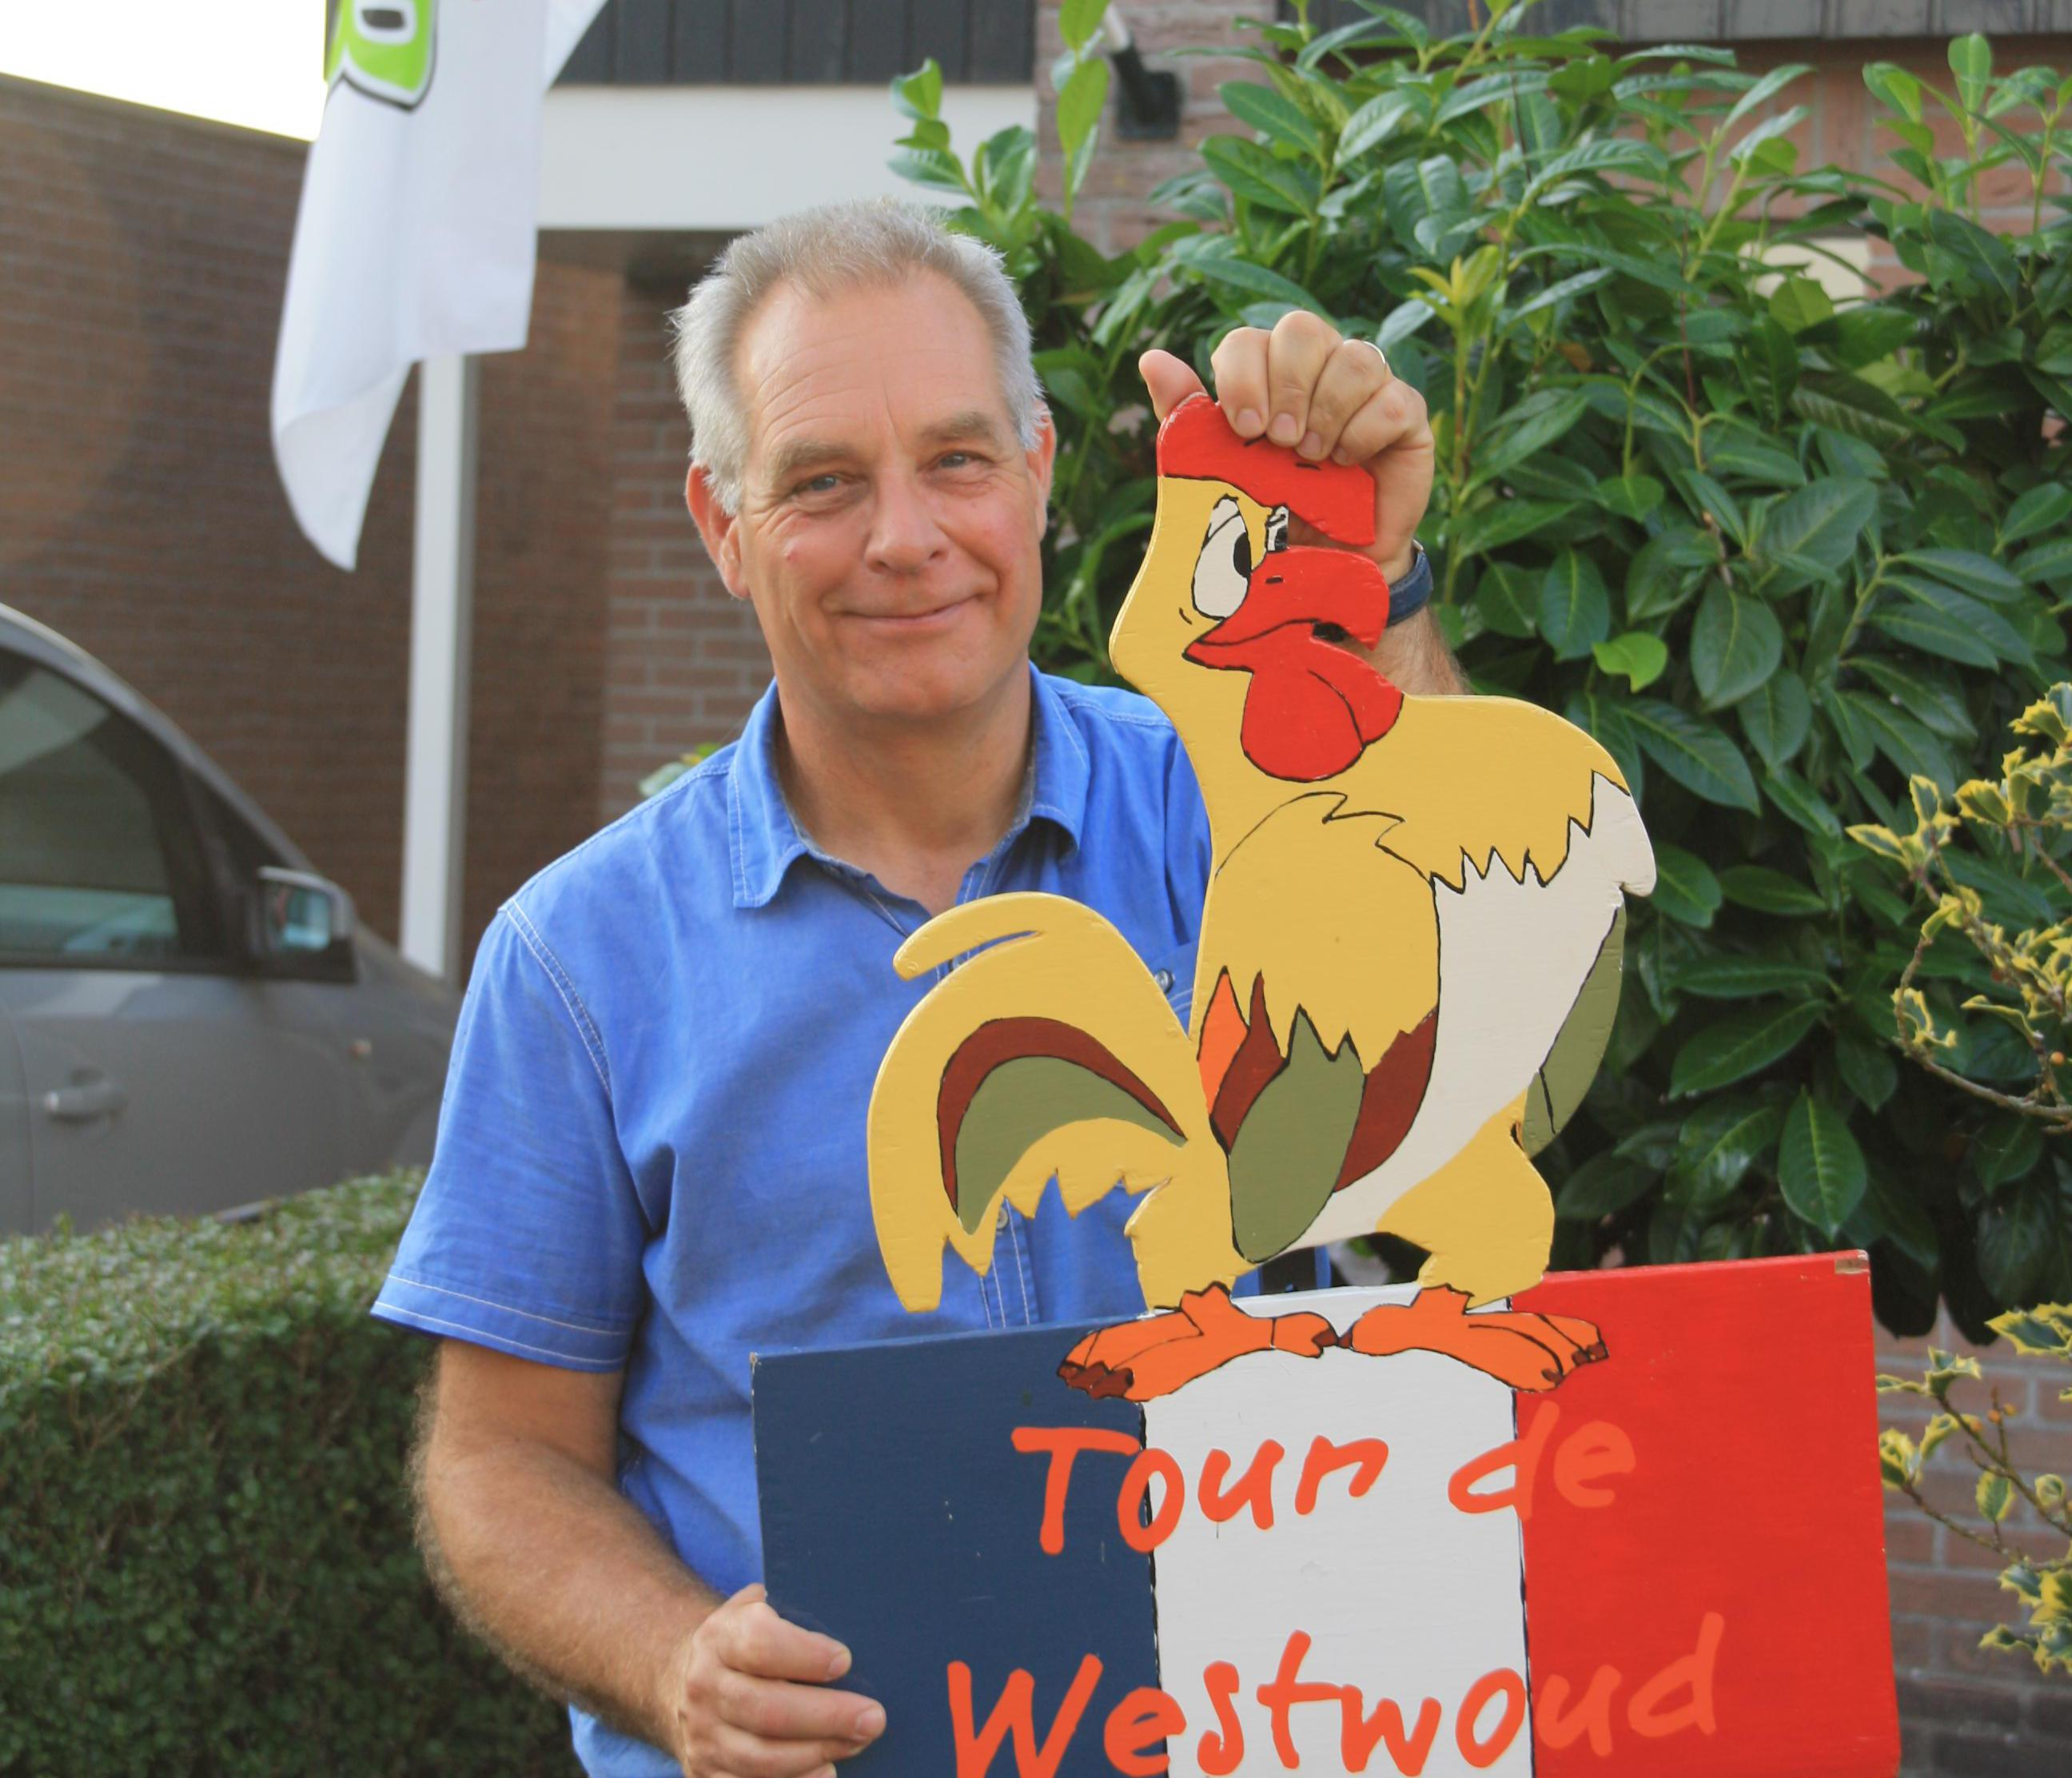 Vijf vragen over Tour de Westwoud: 'Laat Tom Dumoulin alsjeblieft niet winnen'